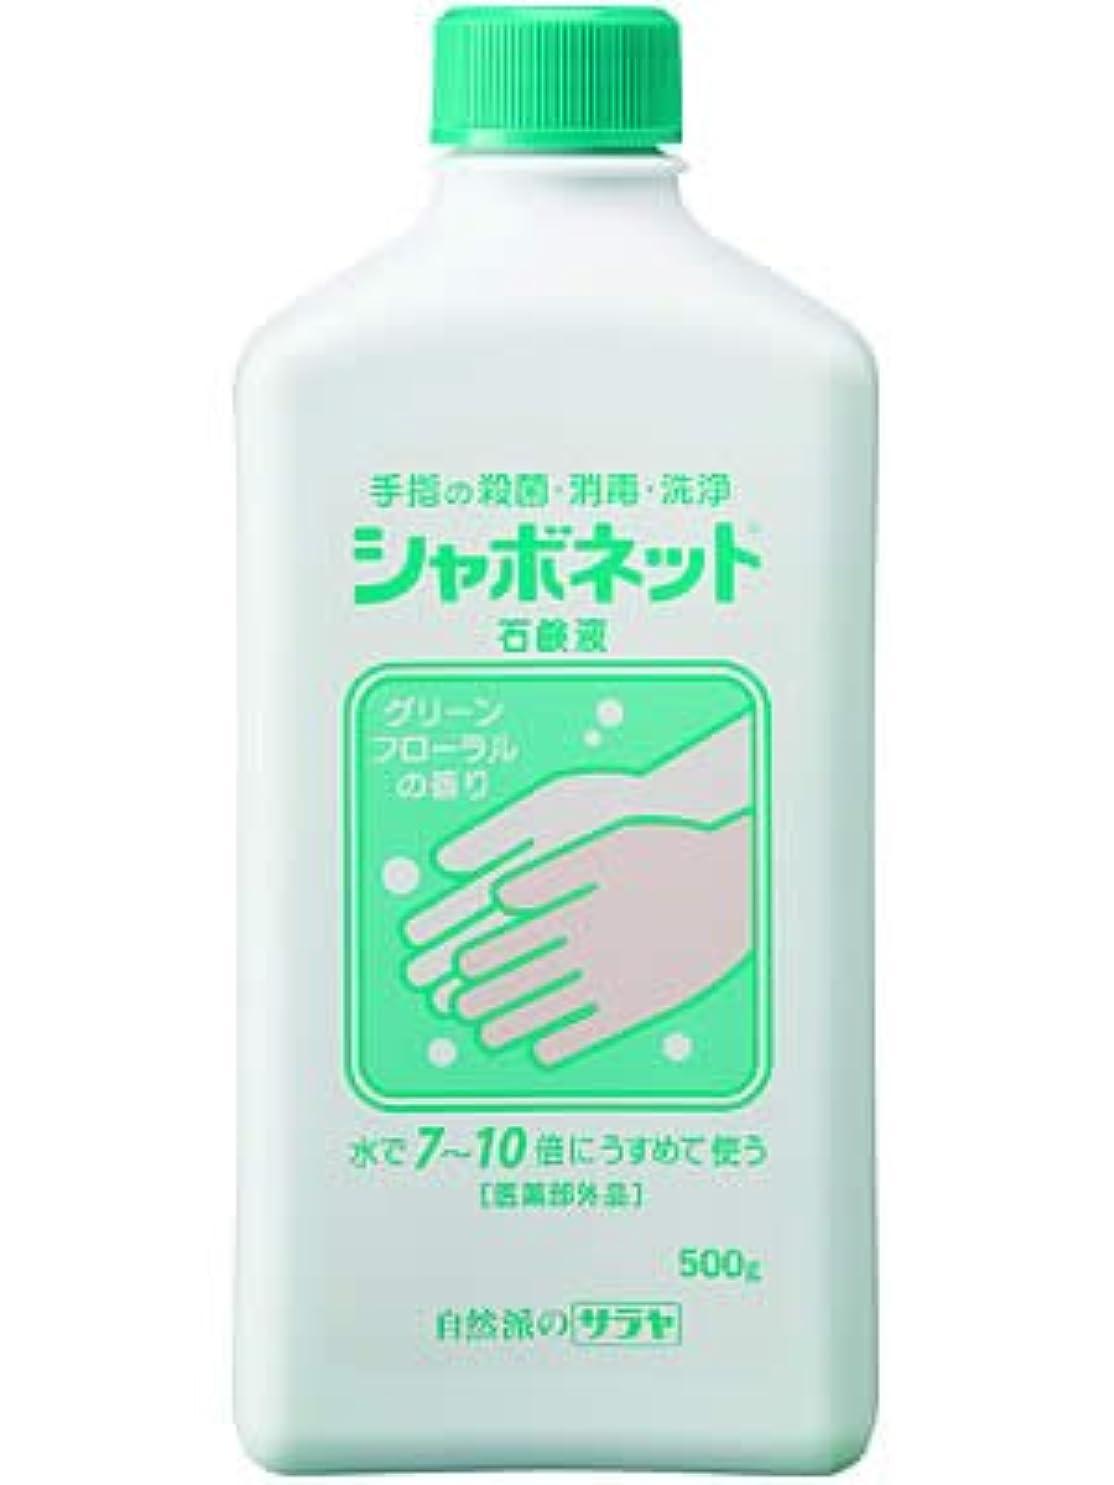 高音自分の力ですべてをする連続的シャボネット 石鹸液 500g ×10個セット